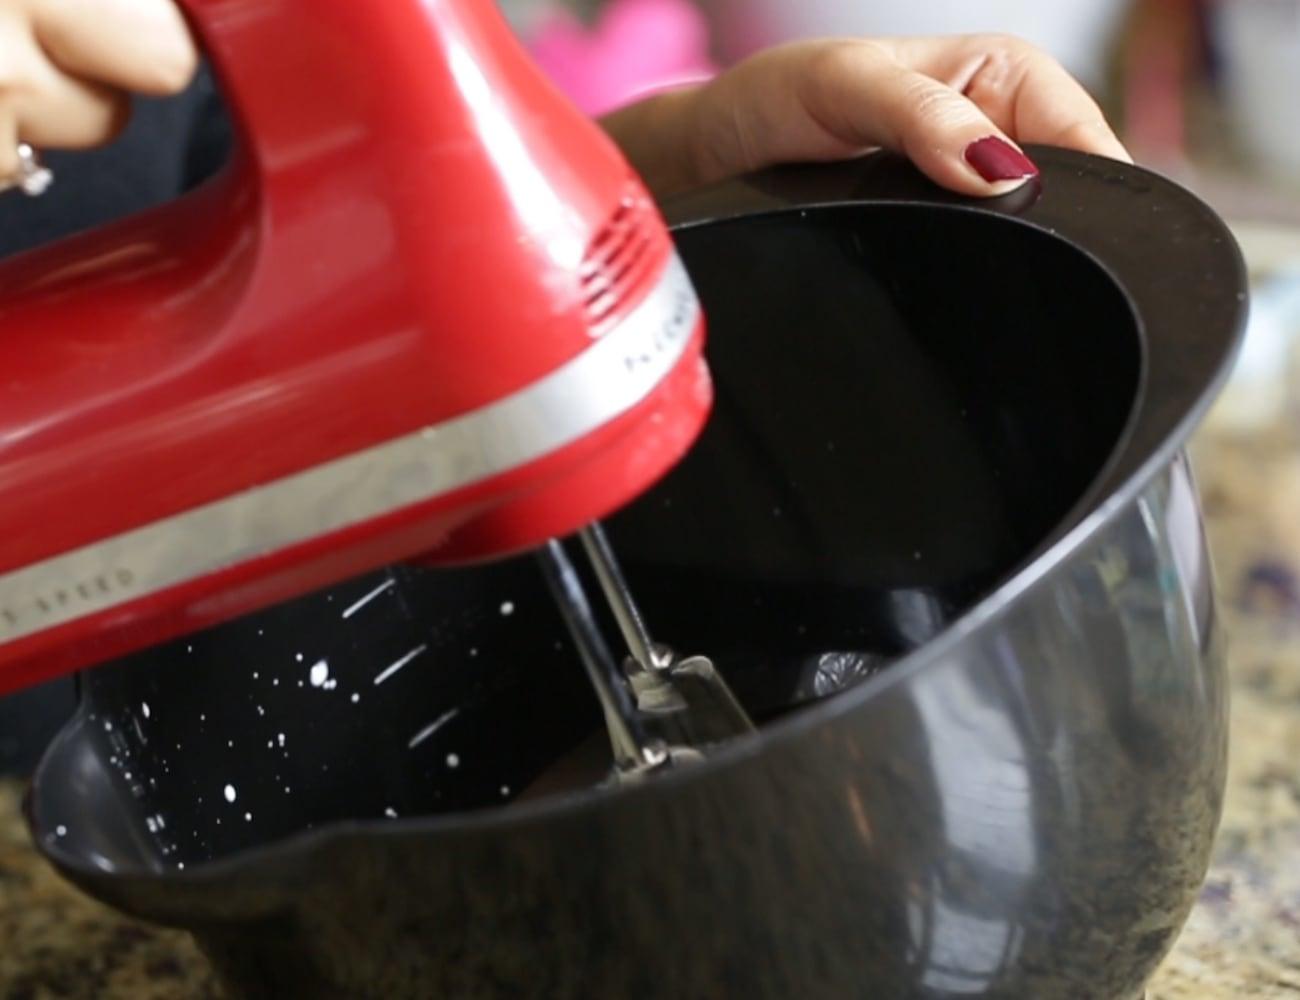 Bamboozle SustainaBOWL Biodegradable Mixing Bowl